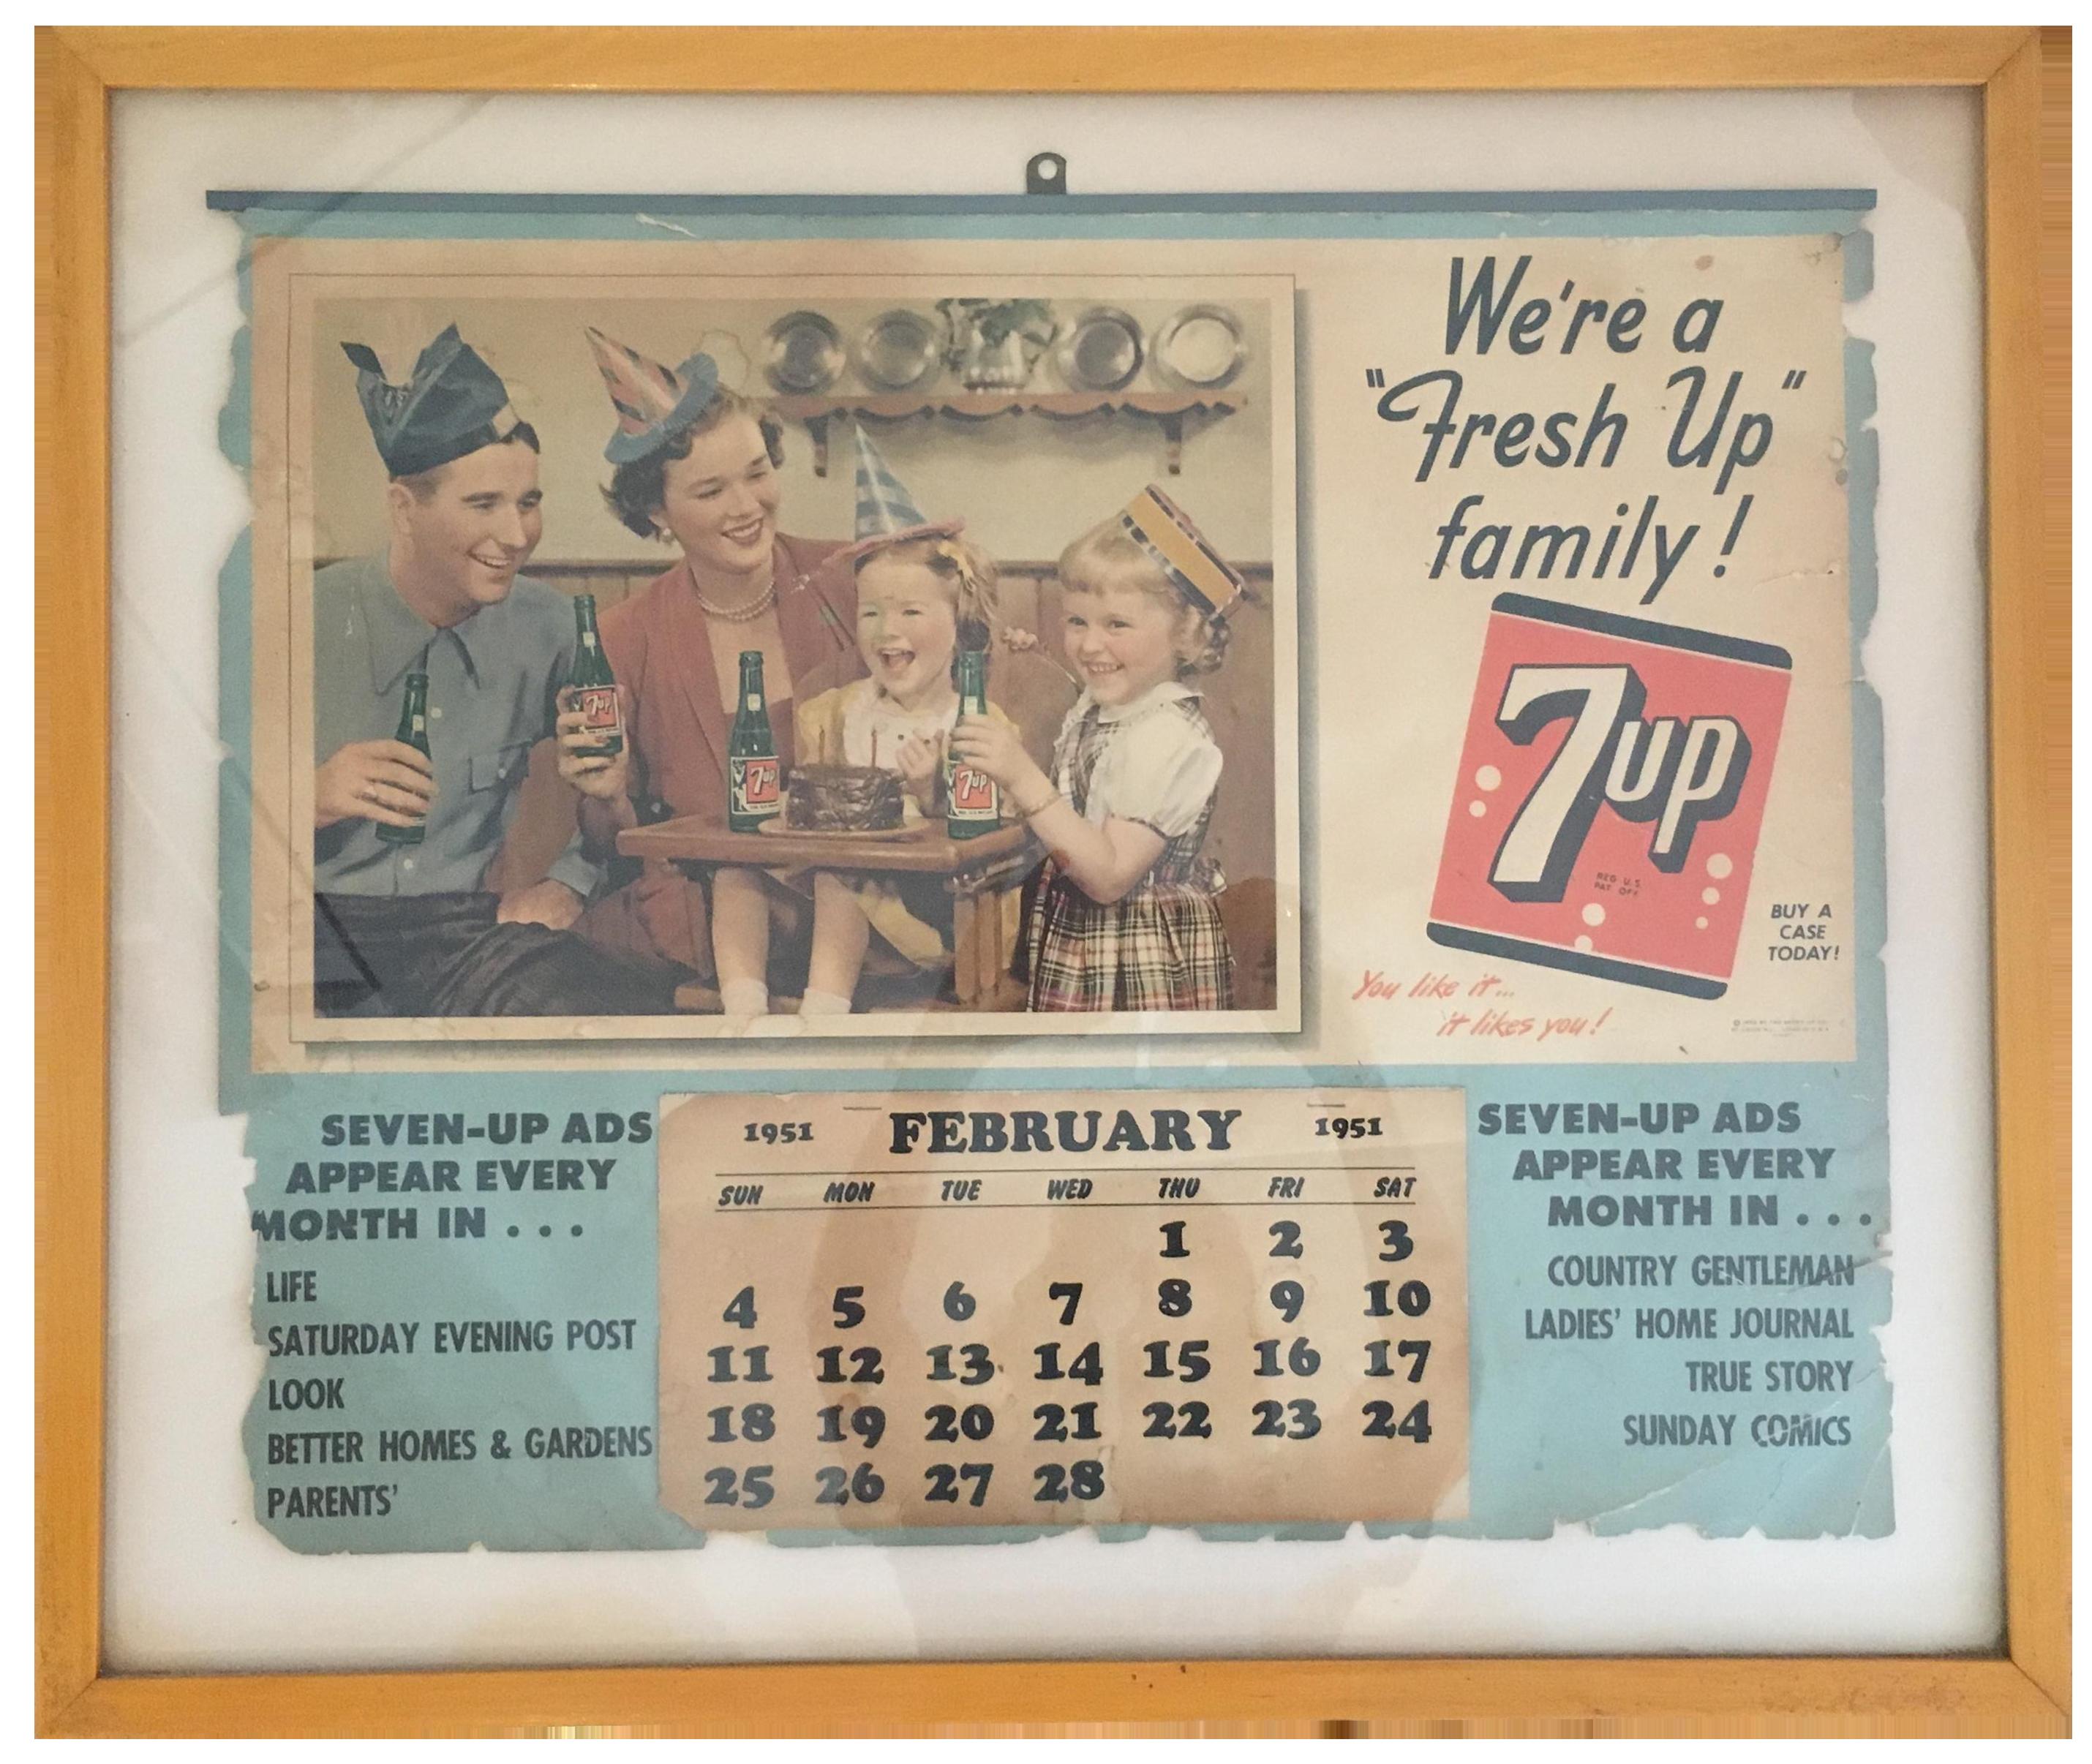 image of 1951 7 up framed calendar